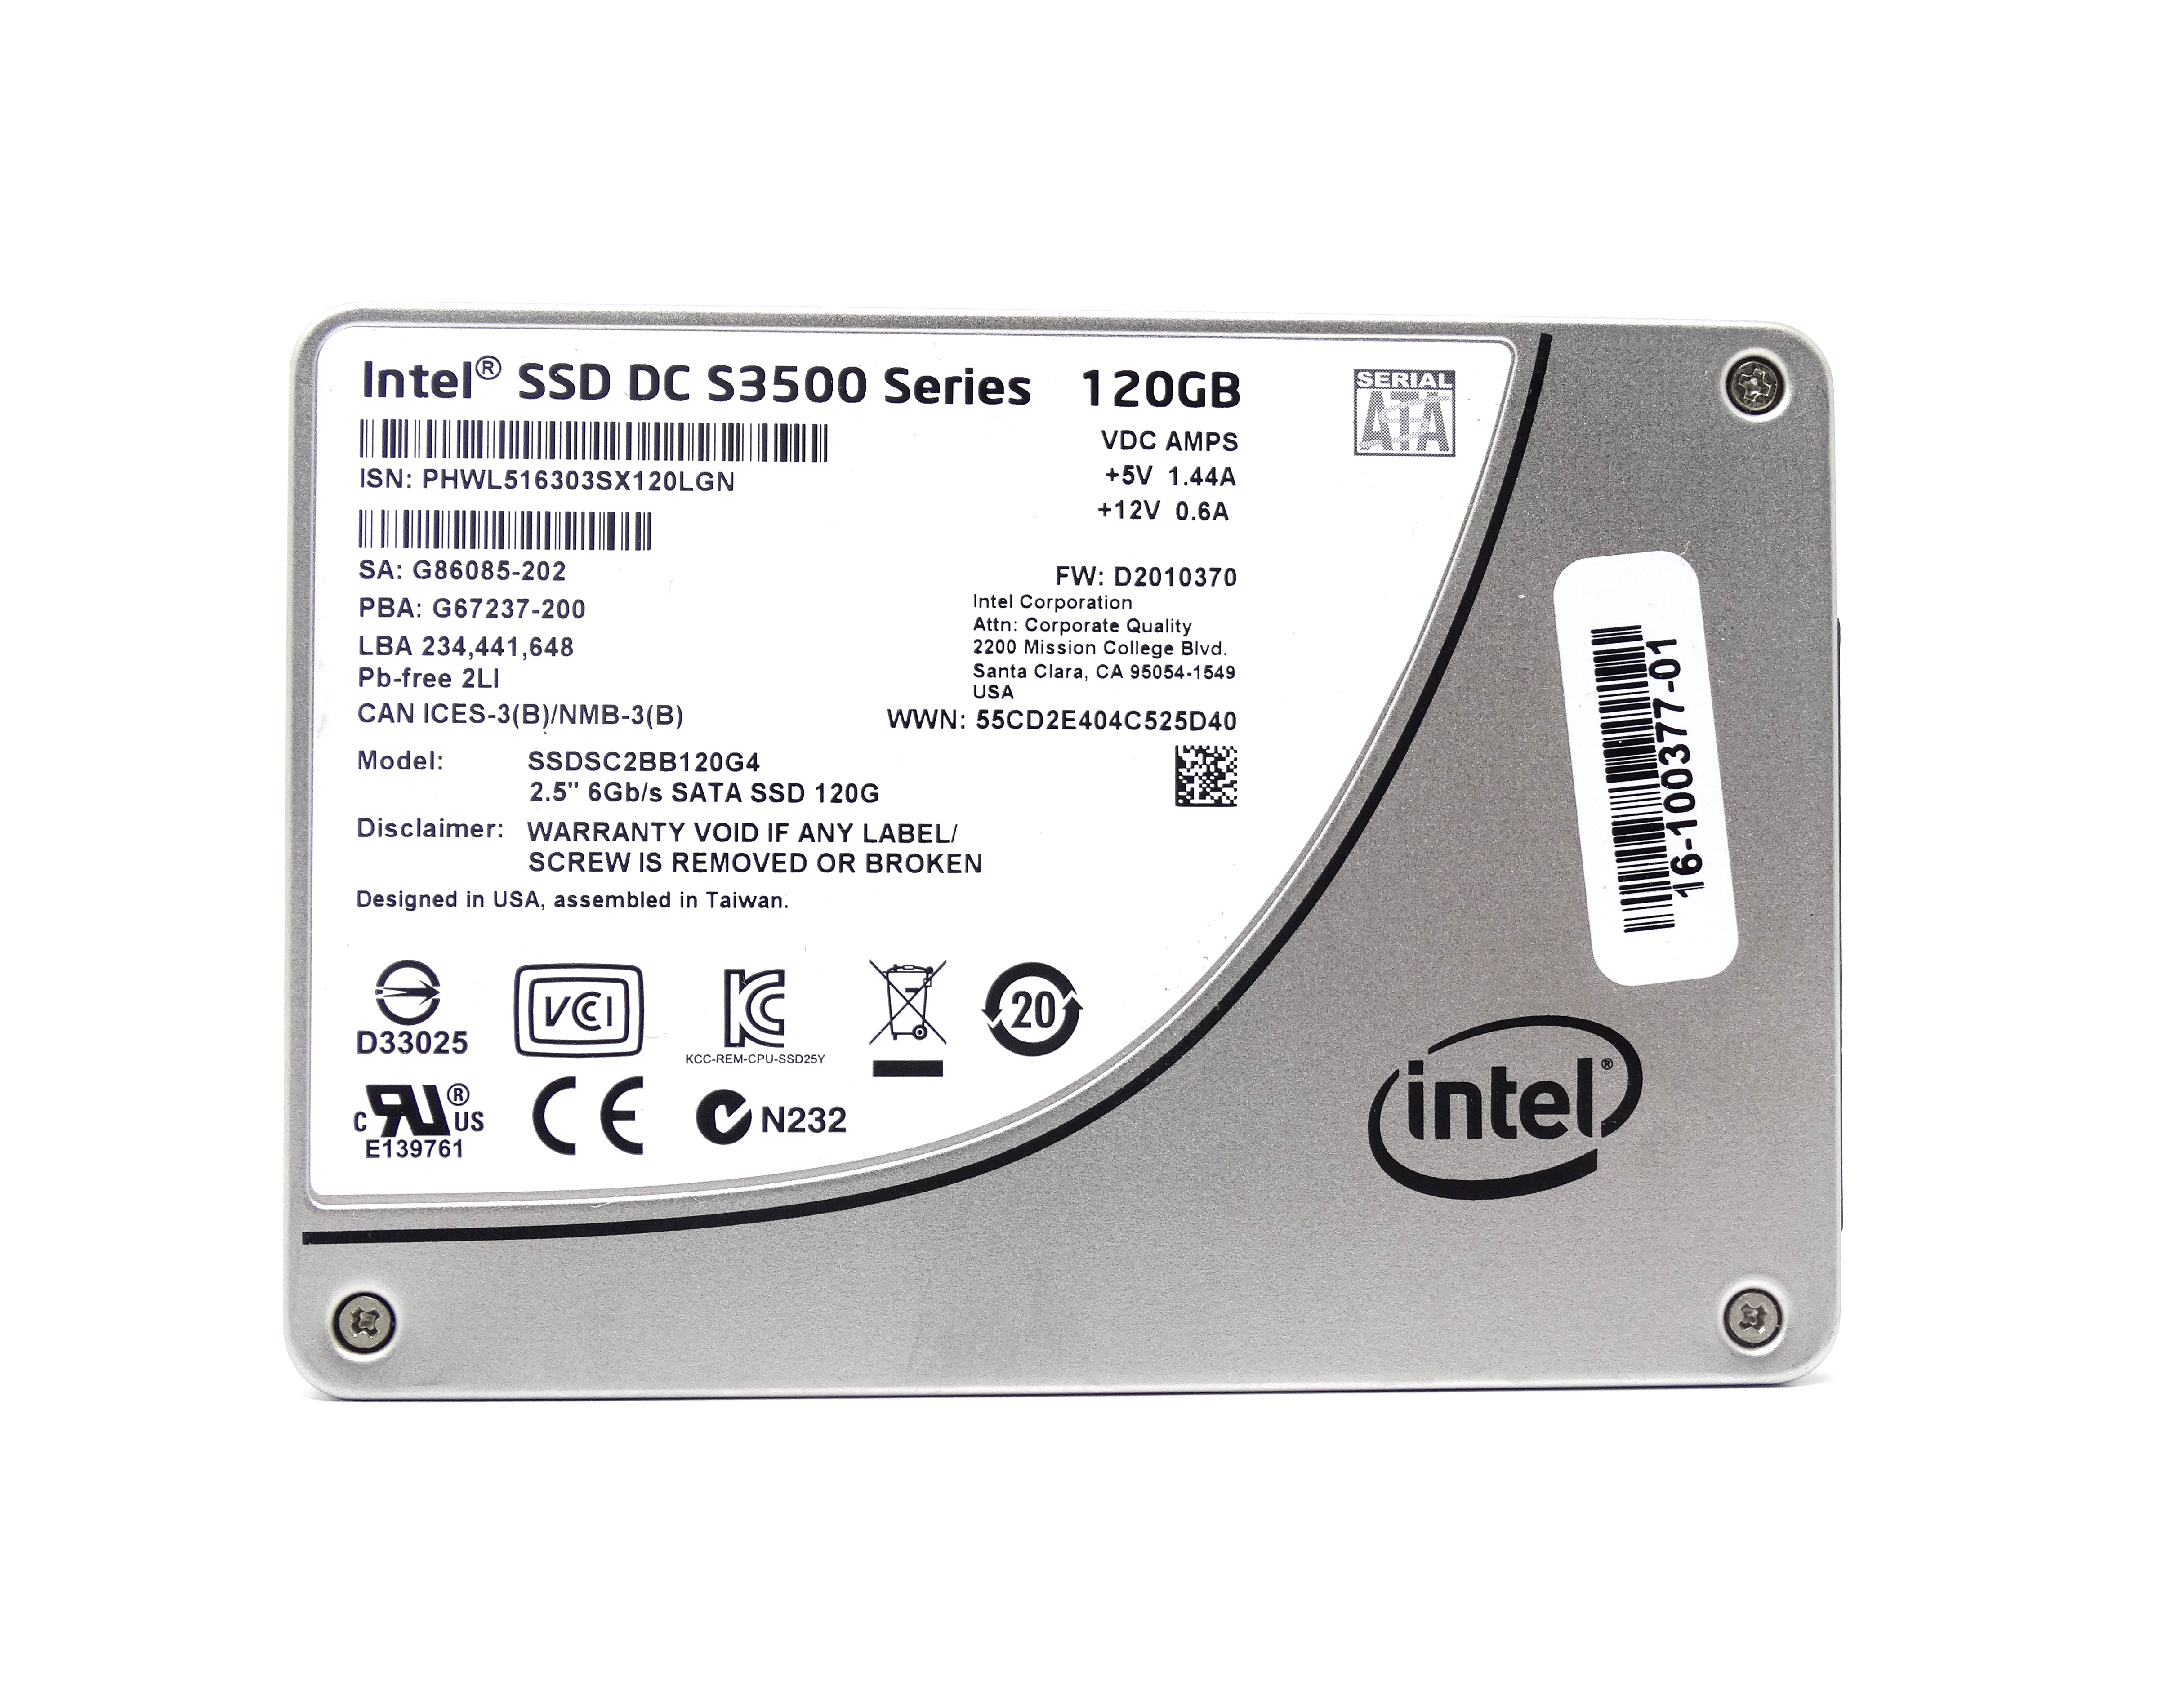 Cisco Intel SSD Dc S3500 120GB 6Gbps SATA 2.5'' Solid State Drive (SSDSC2BB120G4)